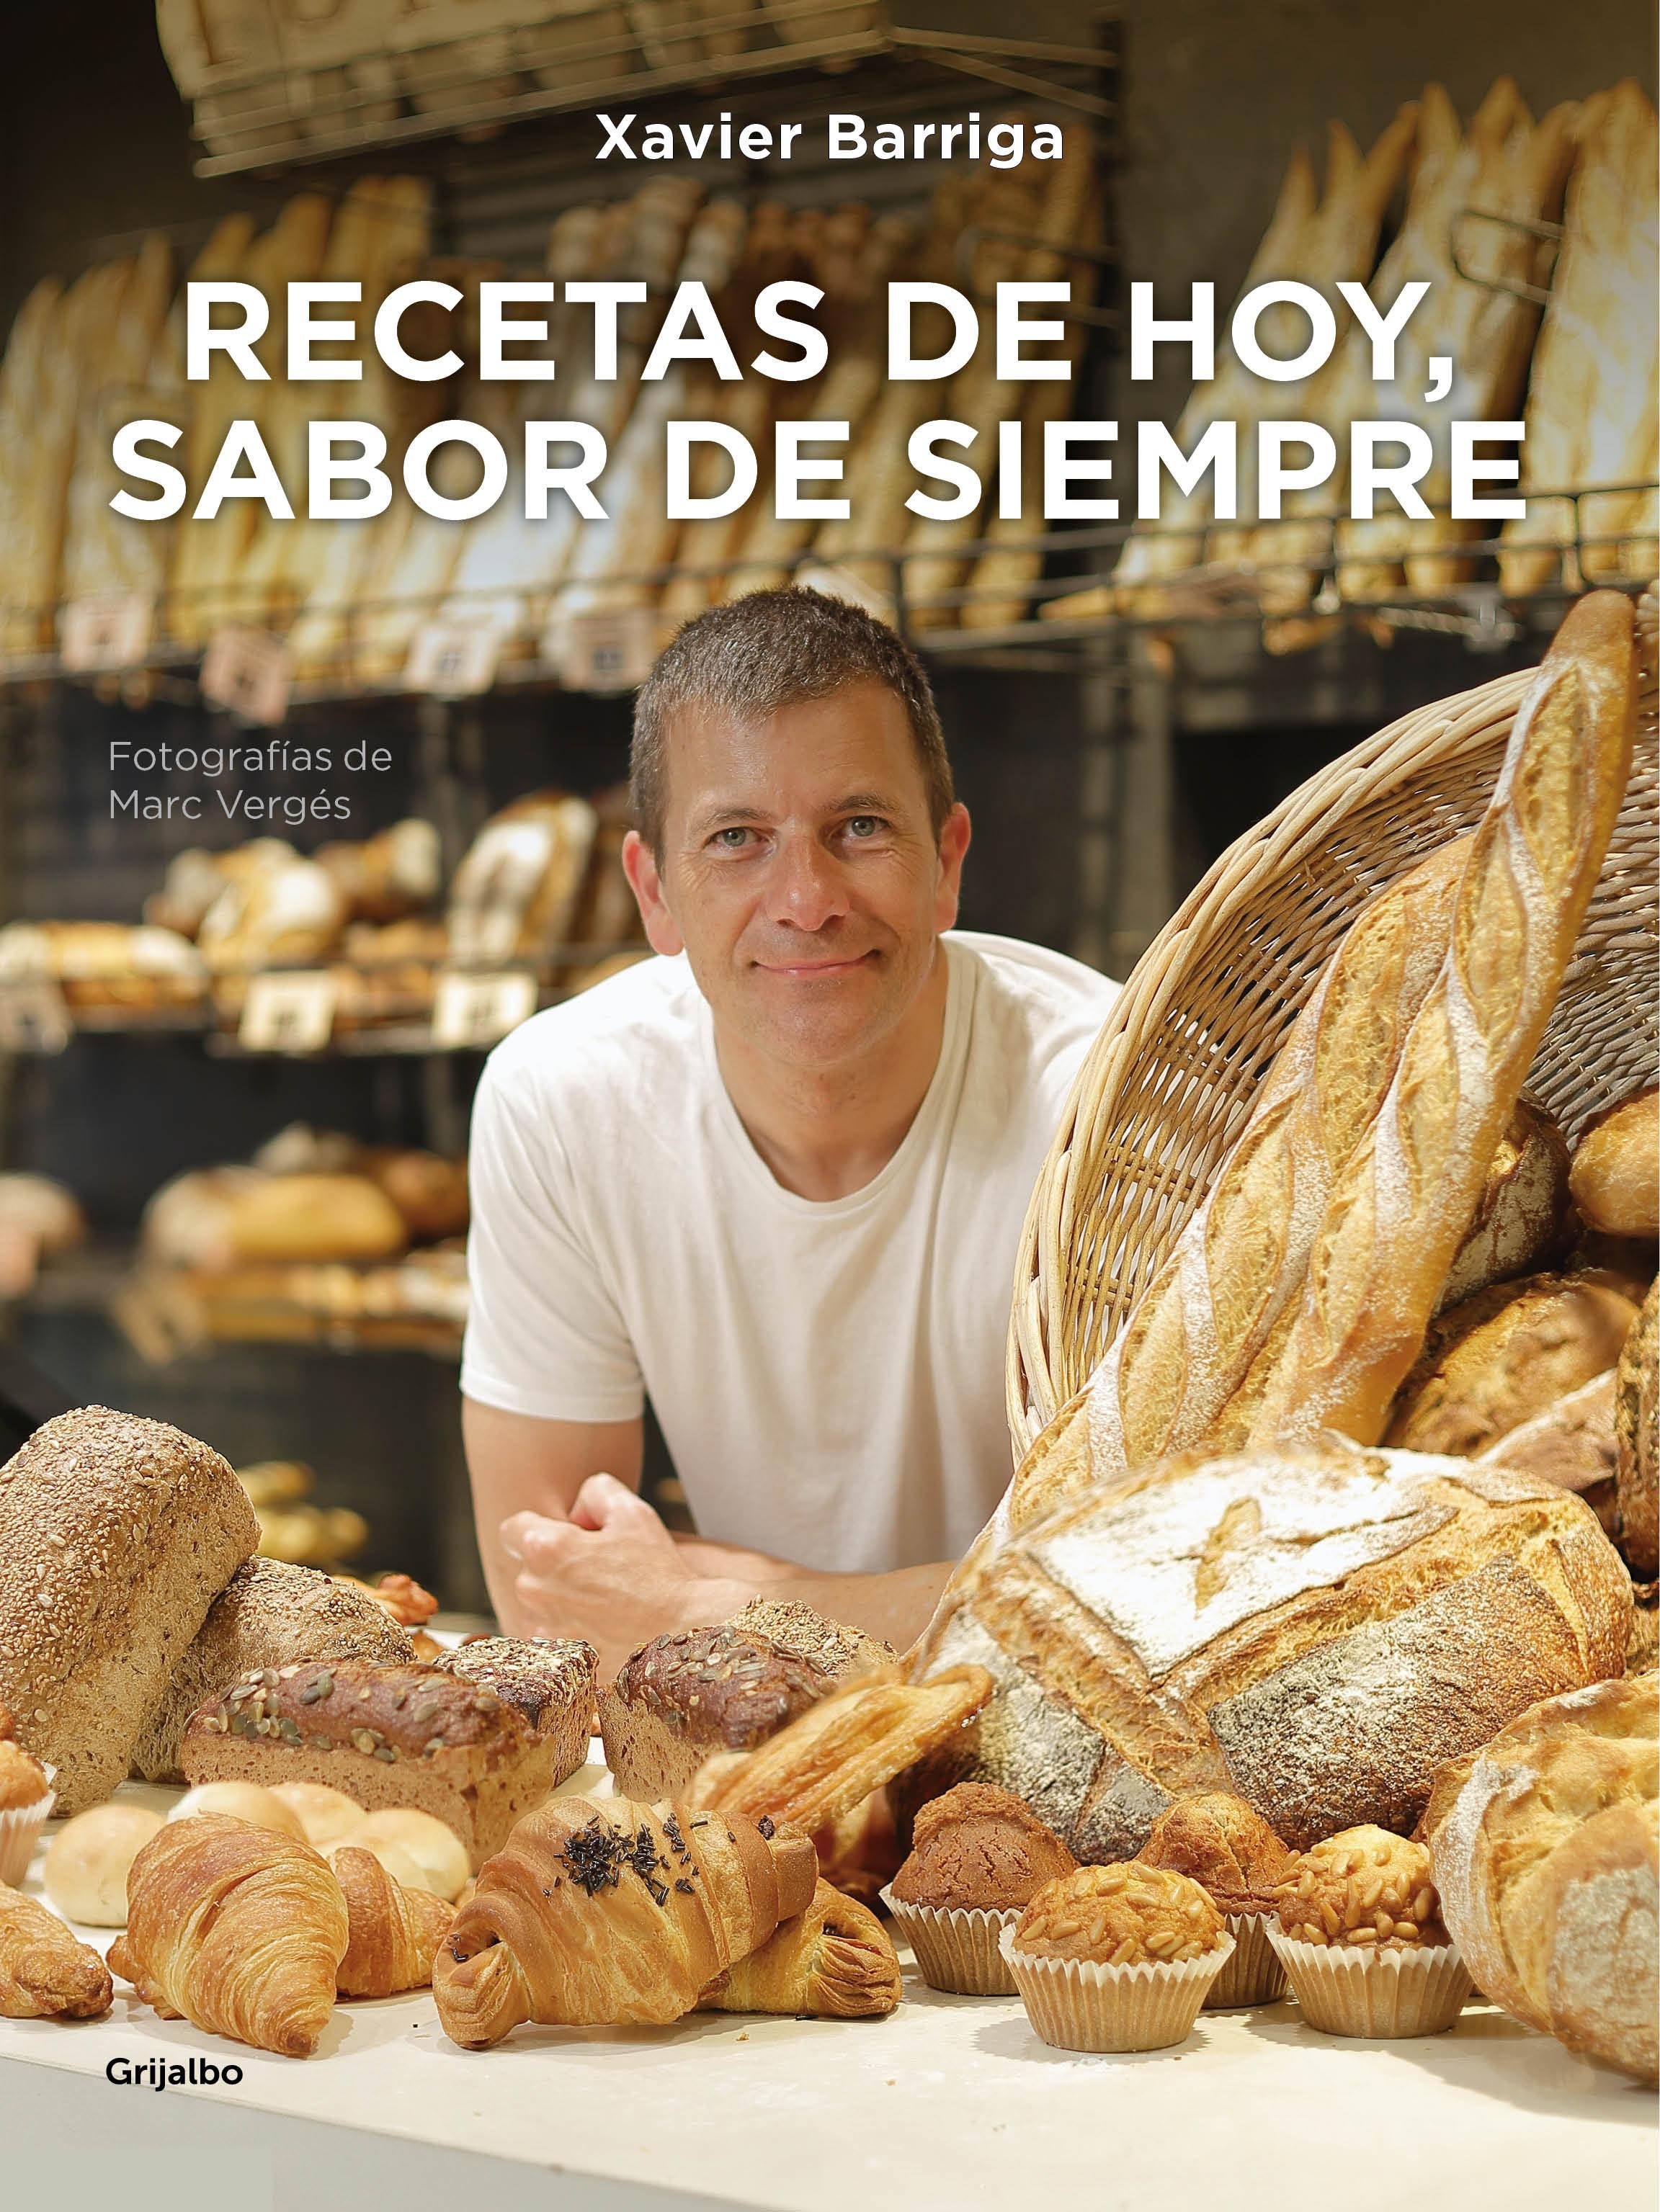 Recetas De Hoy, Sabor De Siempre   por Xavier Barriga